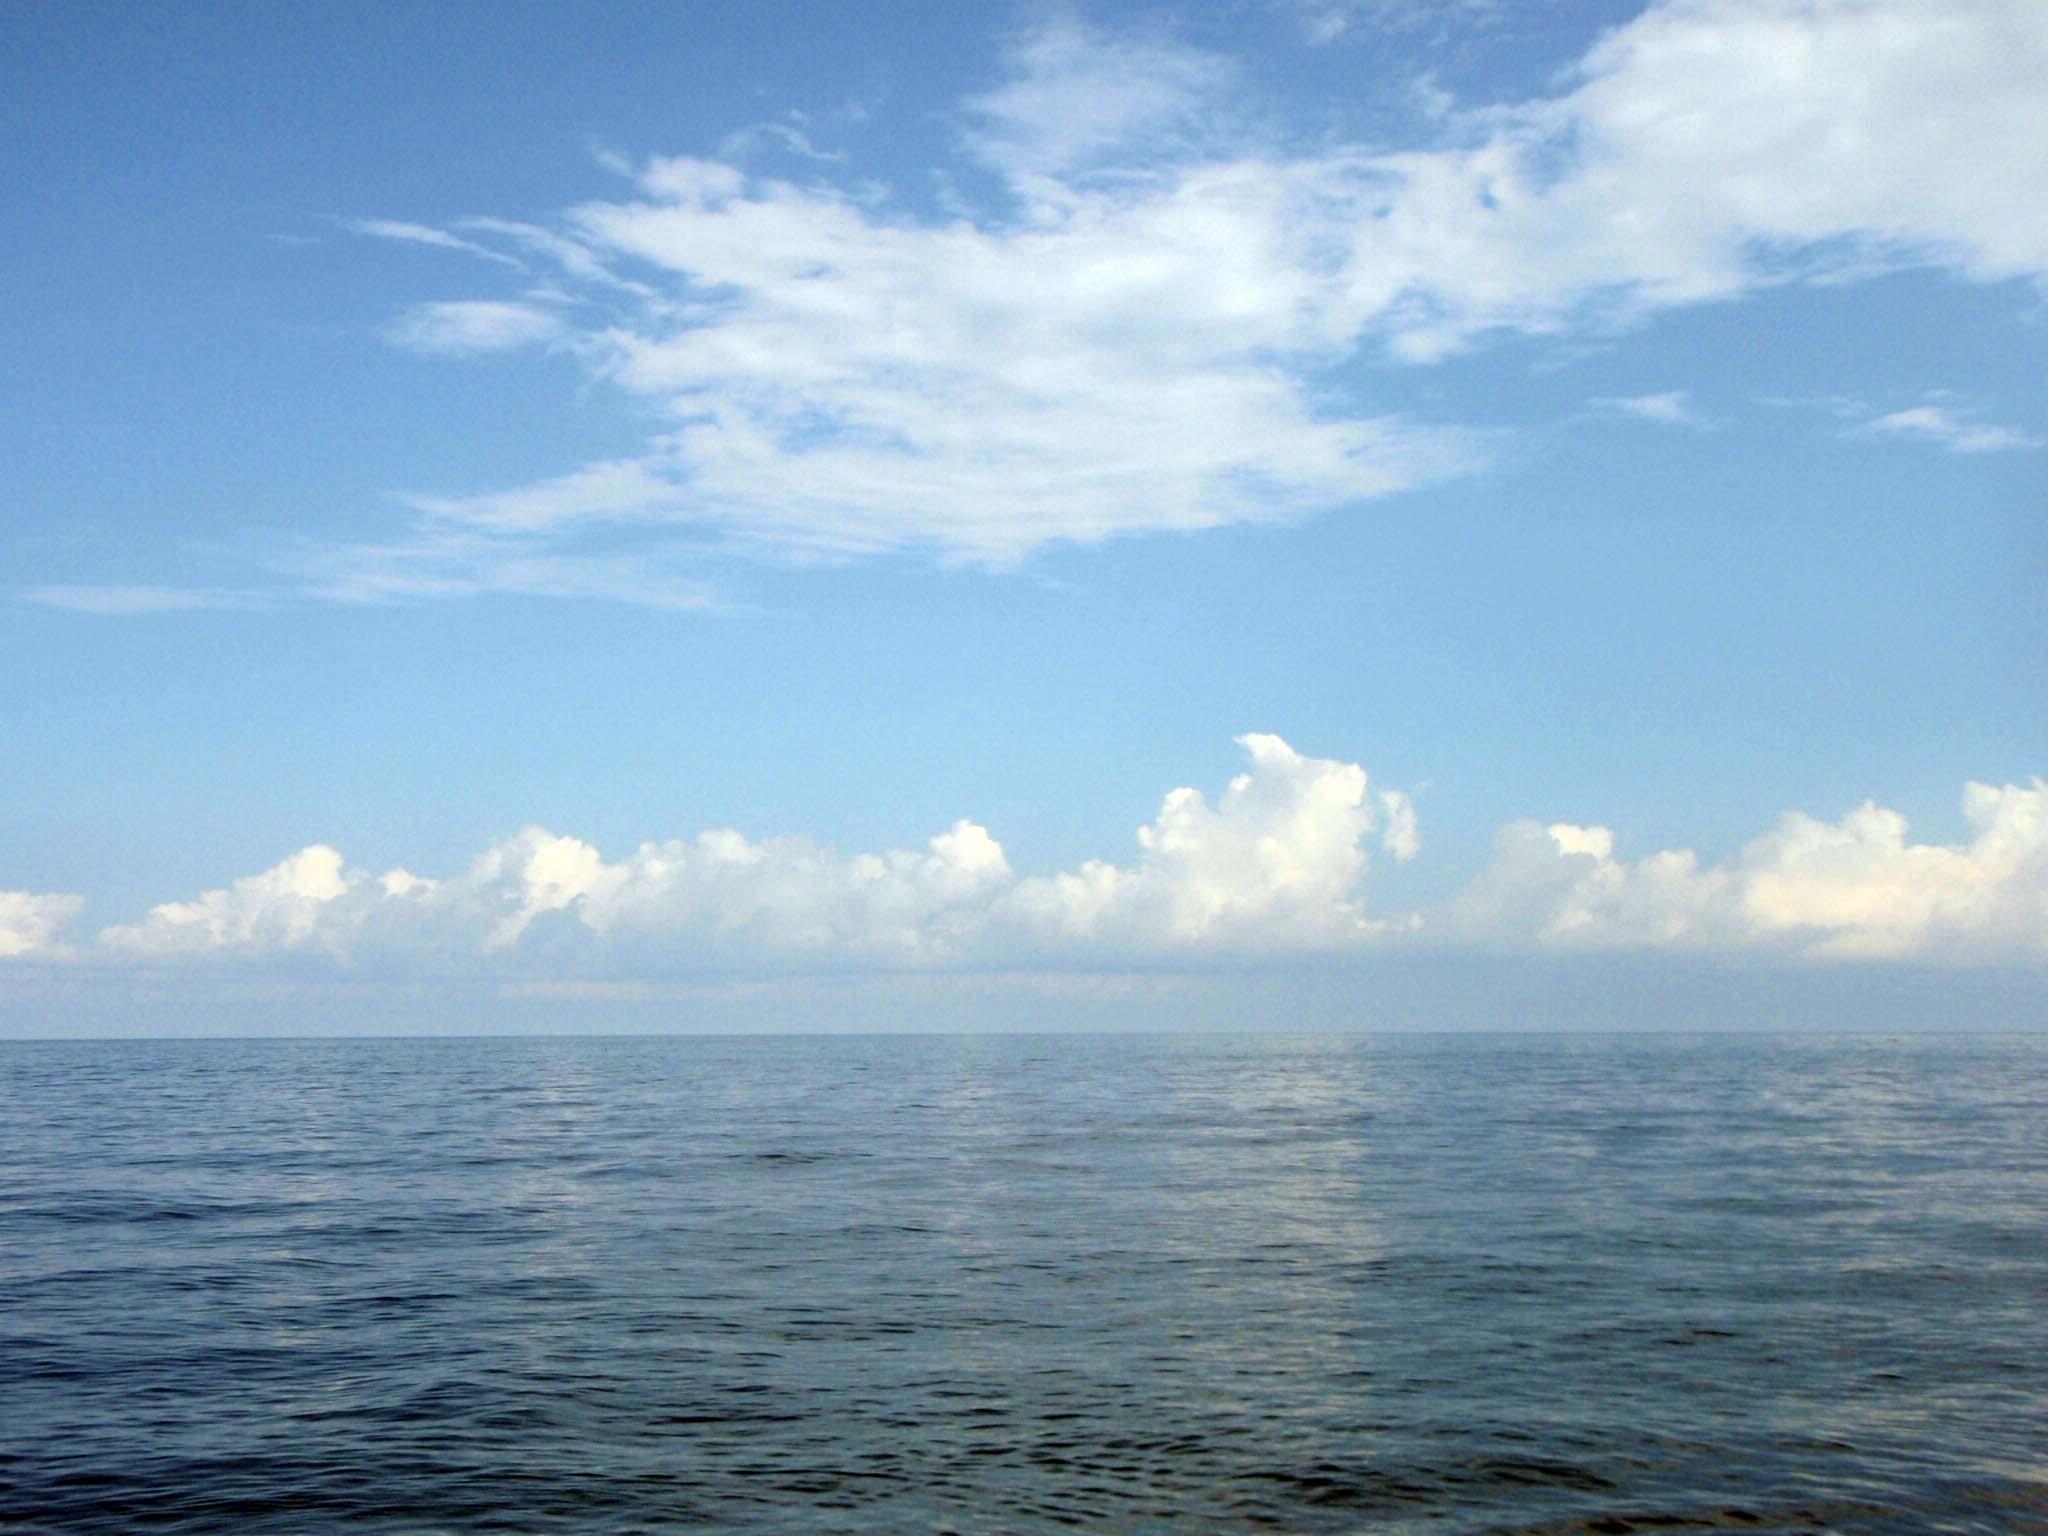 Pacific Ocean from East Coast.jpg